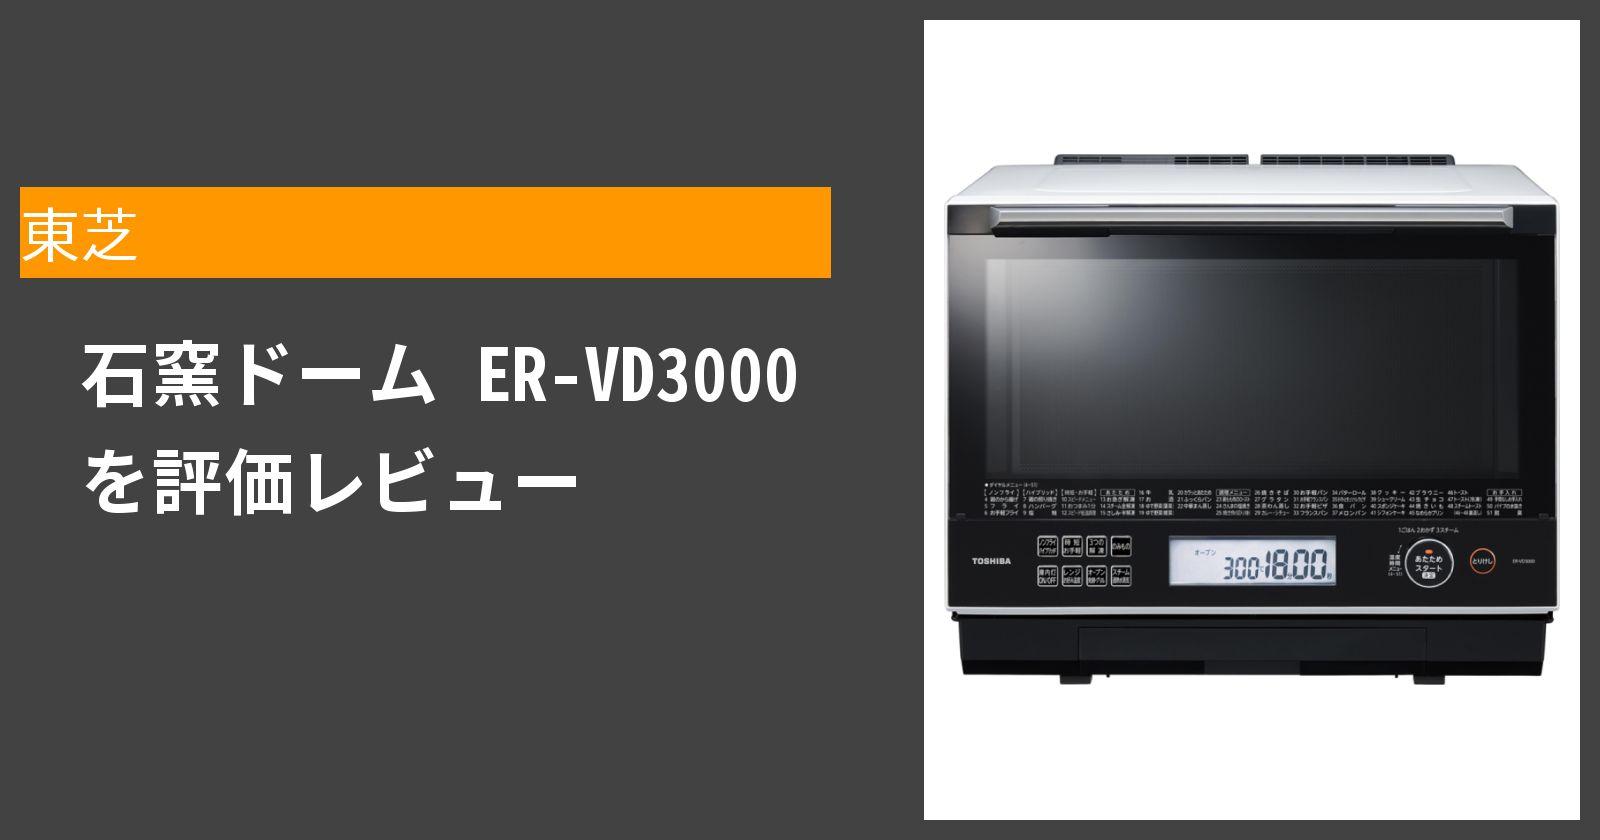 石窯ドーム ER-VD3000を徹底評価